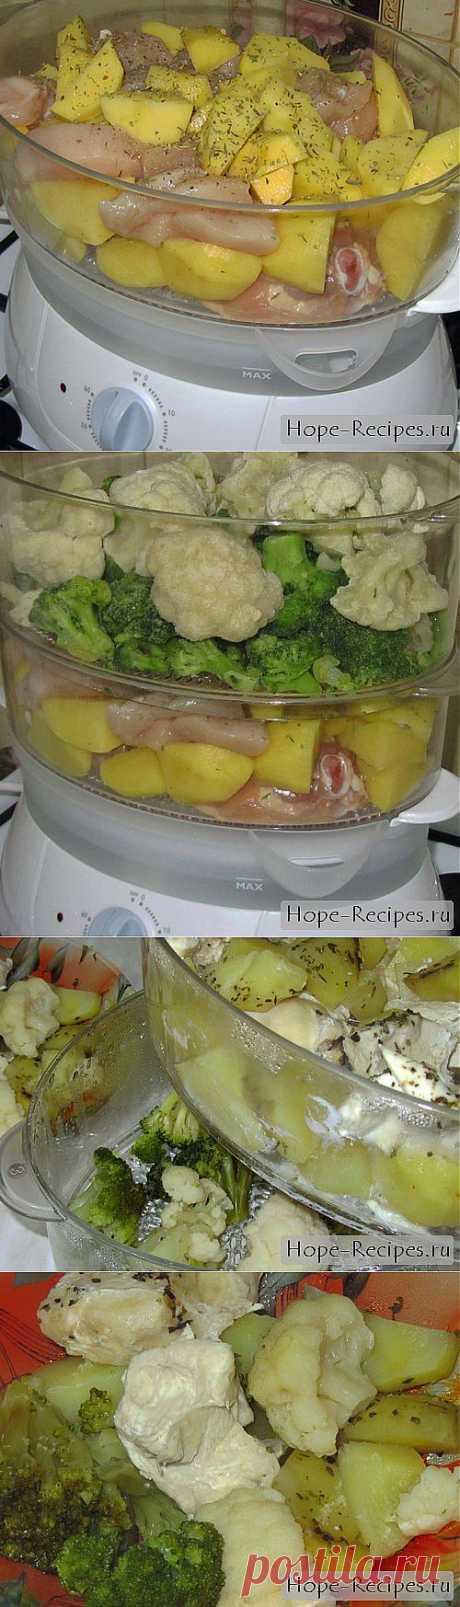 Курица в пароварке с брокколи, цветной капустой и картофелем © Кулинарный блог #Рецепты Надежды